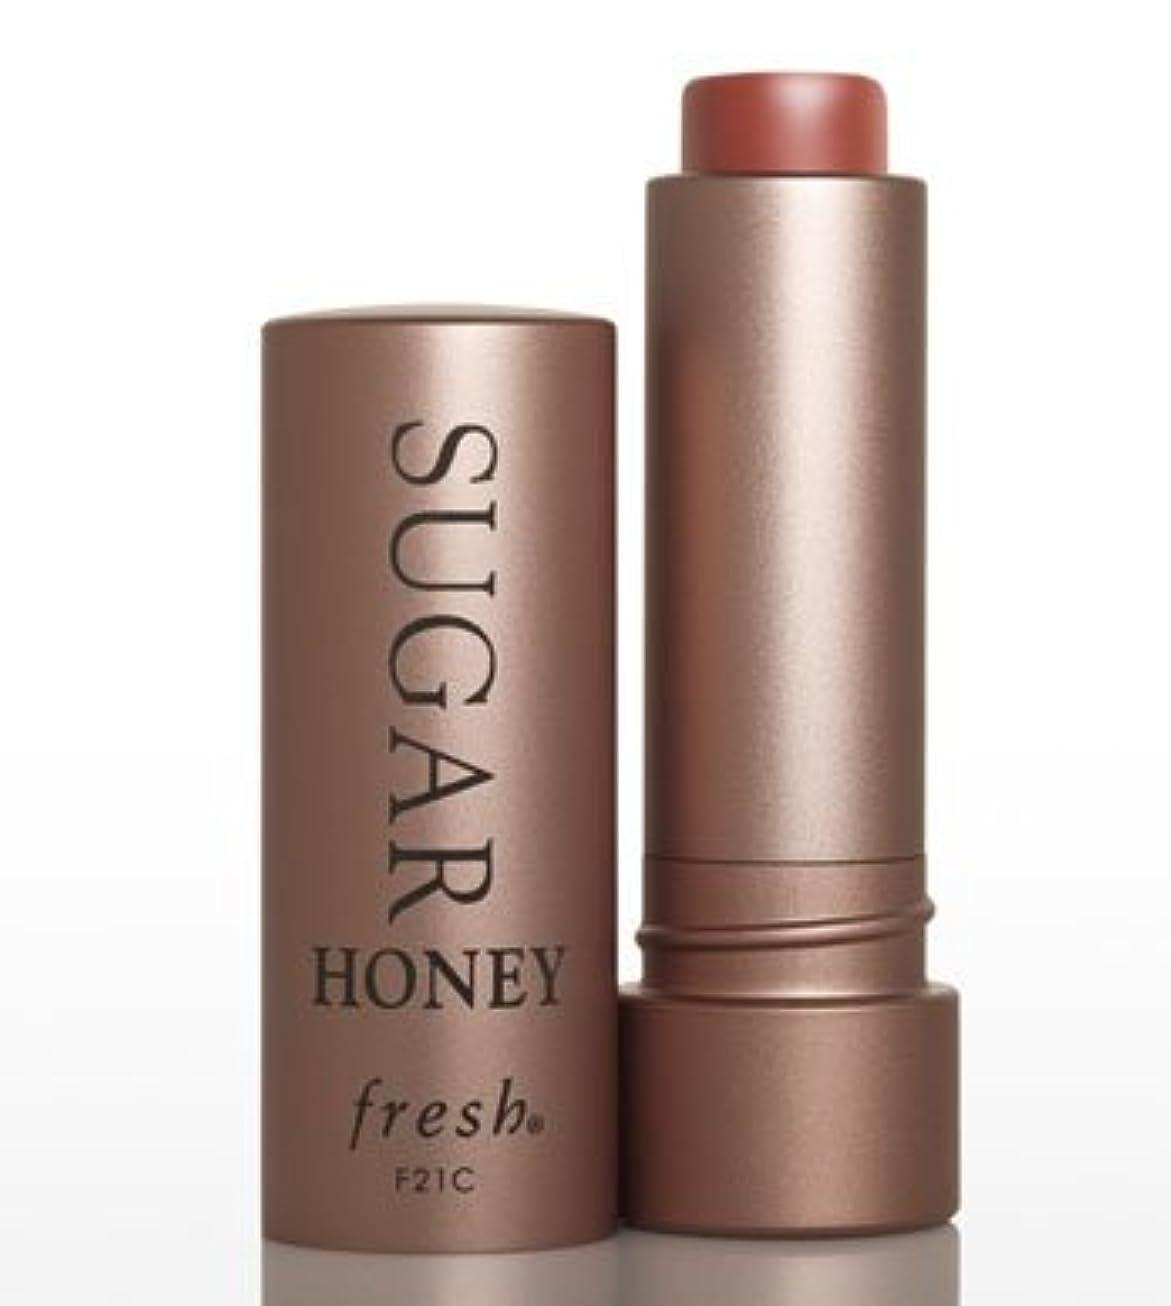 適応的捧げる暗殺するFresh SUGAR Honey TINTED LIP TREATMENT SPF15(フレッシュ シュガー ハニー ティンテッド リップ トリートメント SPF15) 0.15 oz (4.3g)